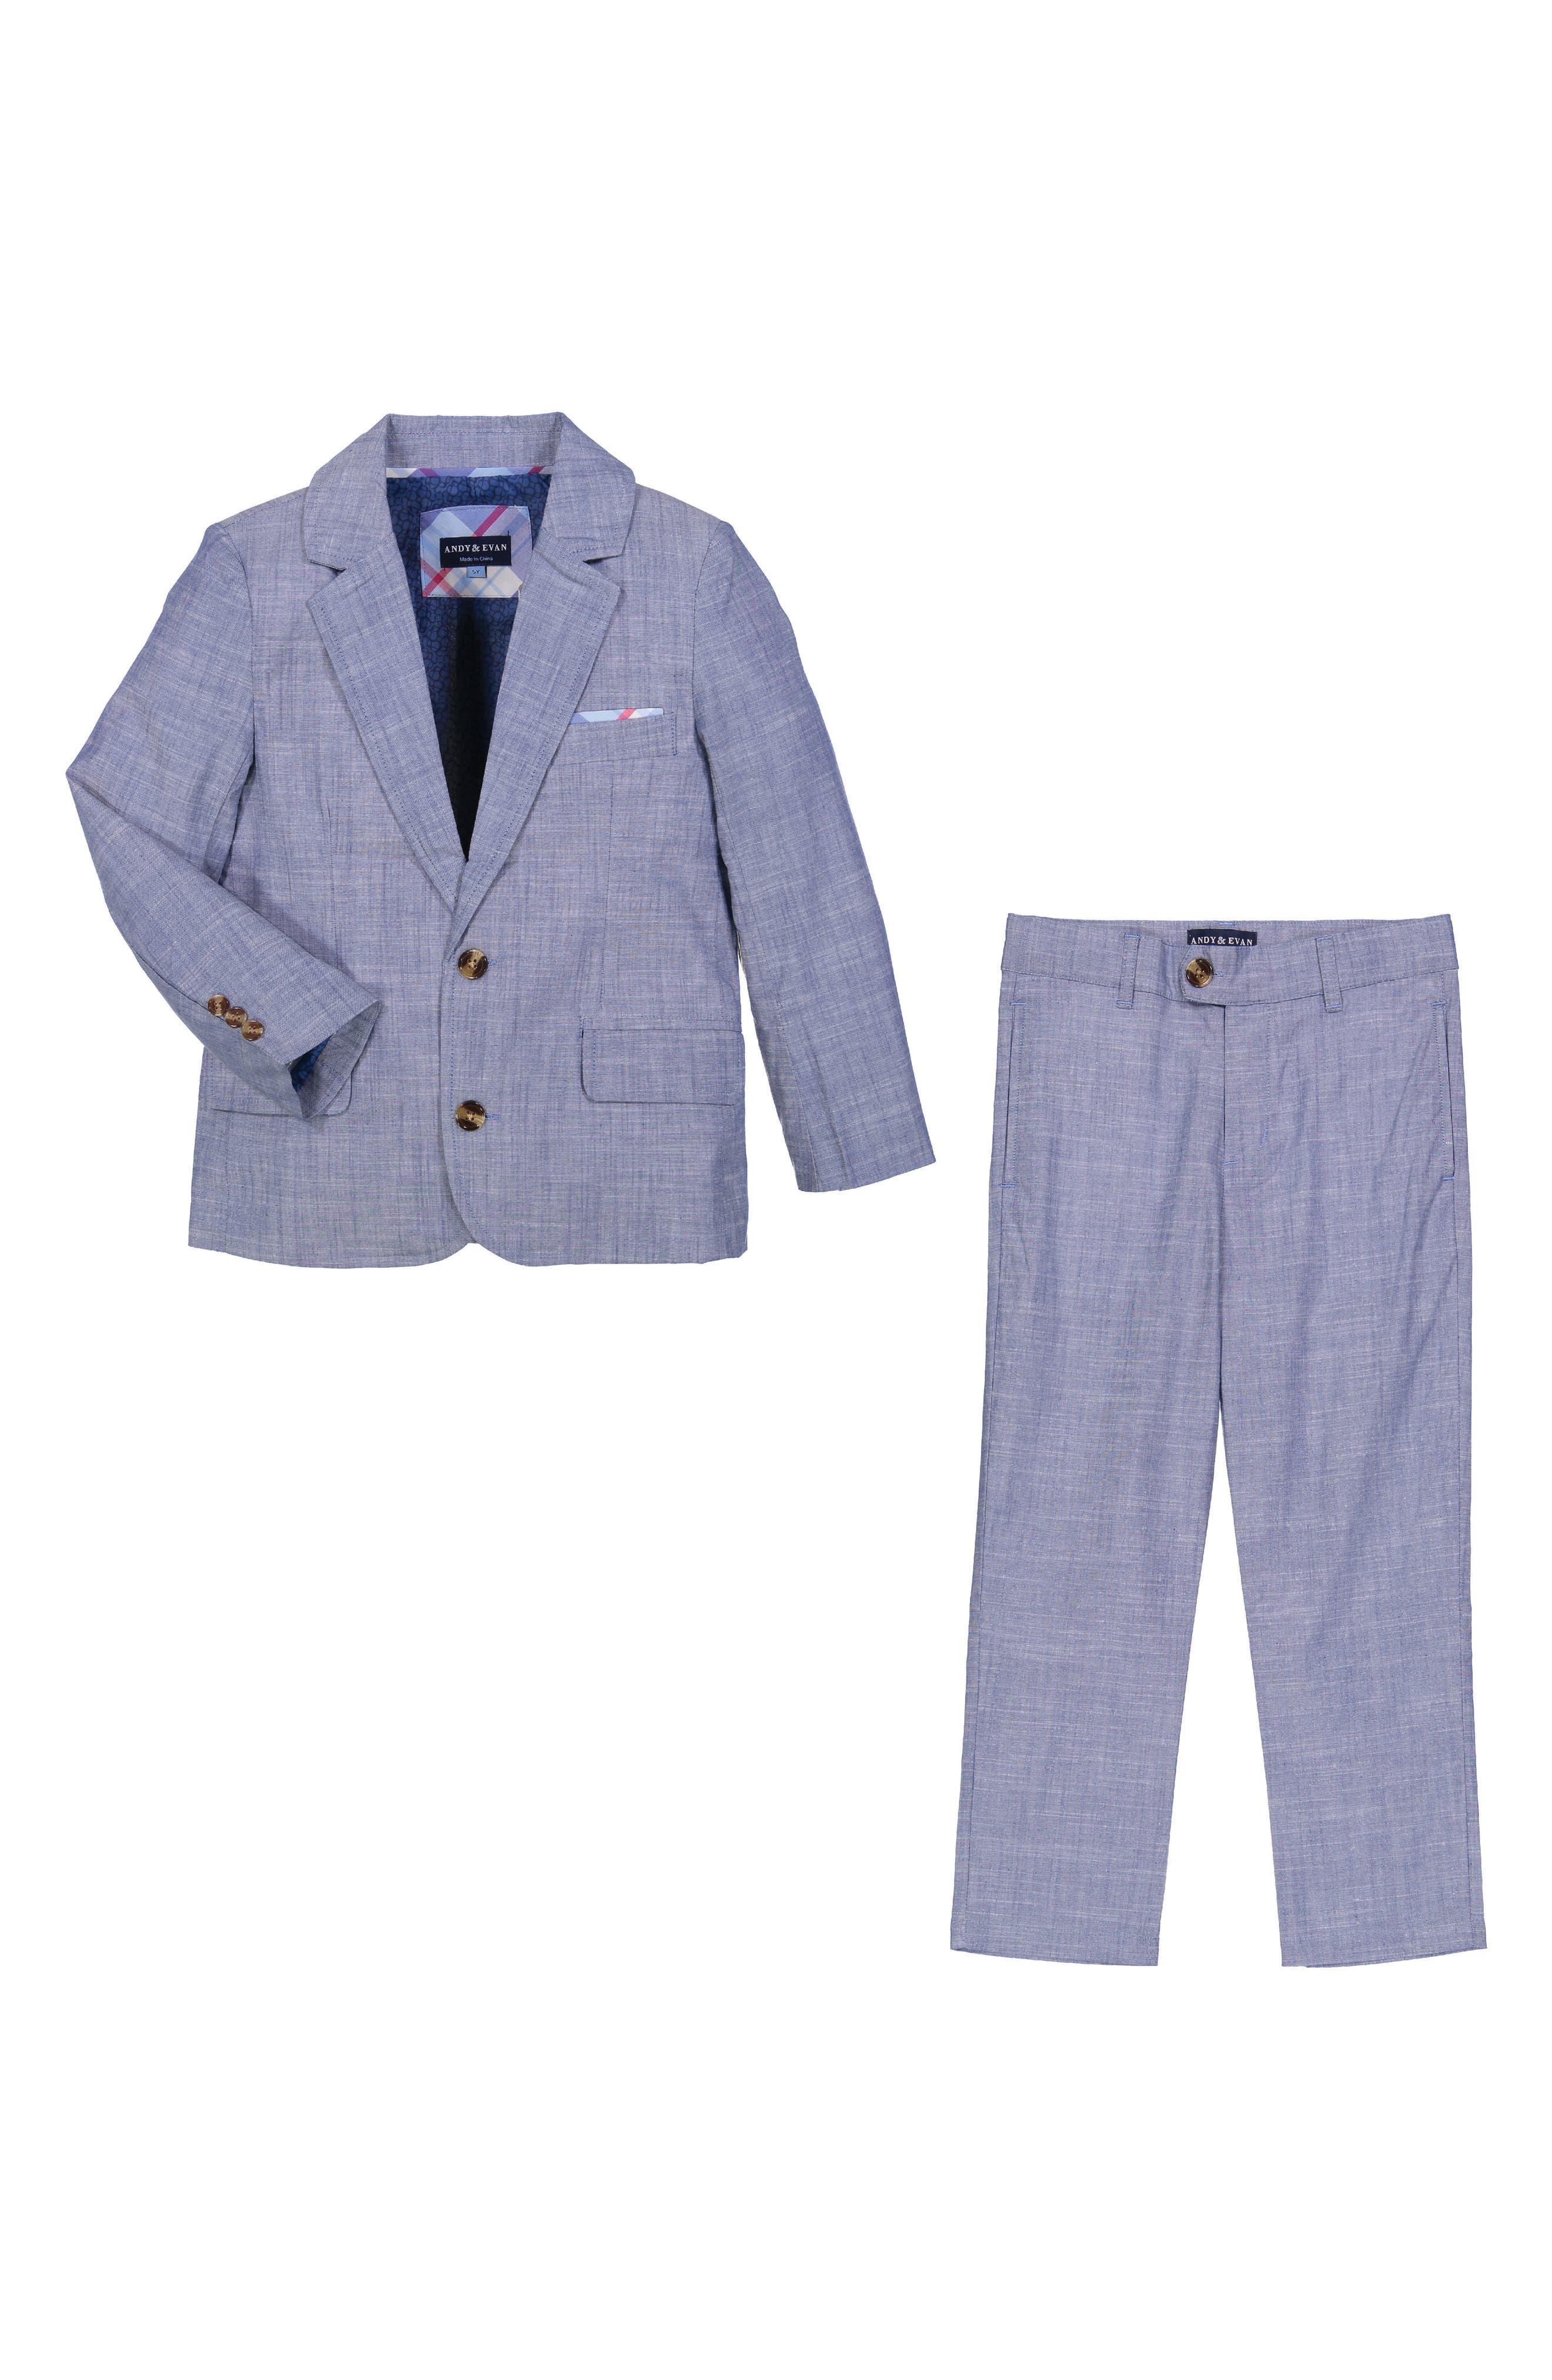 Chambray Suit Set,                         Main,                         color, BLUE